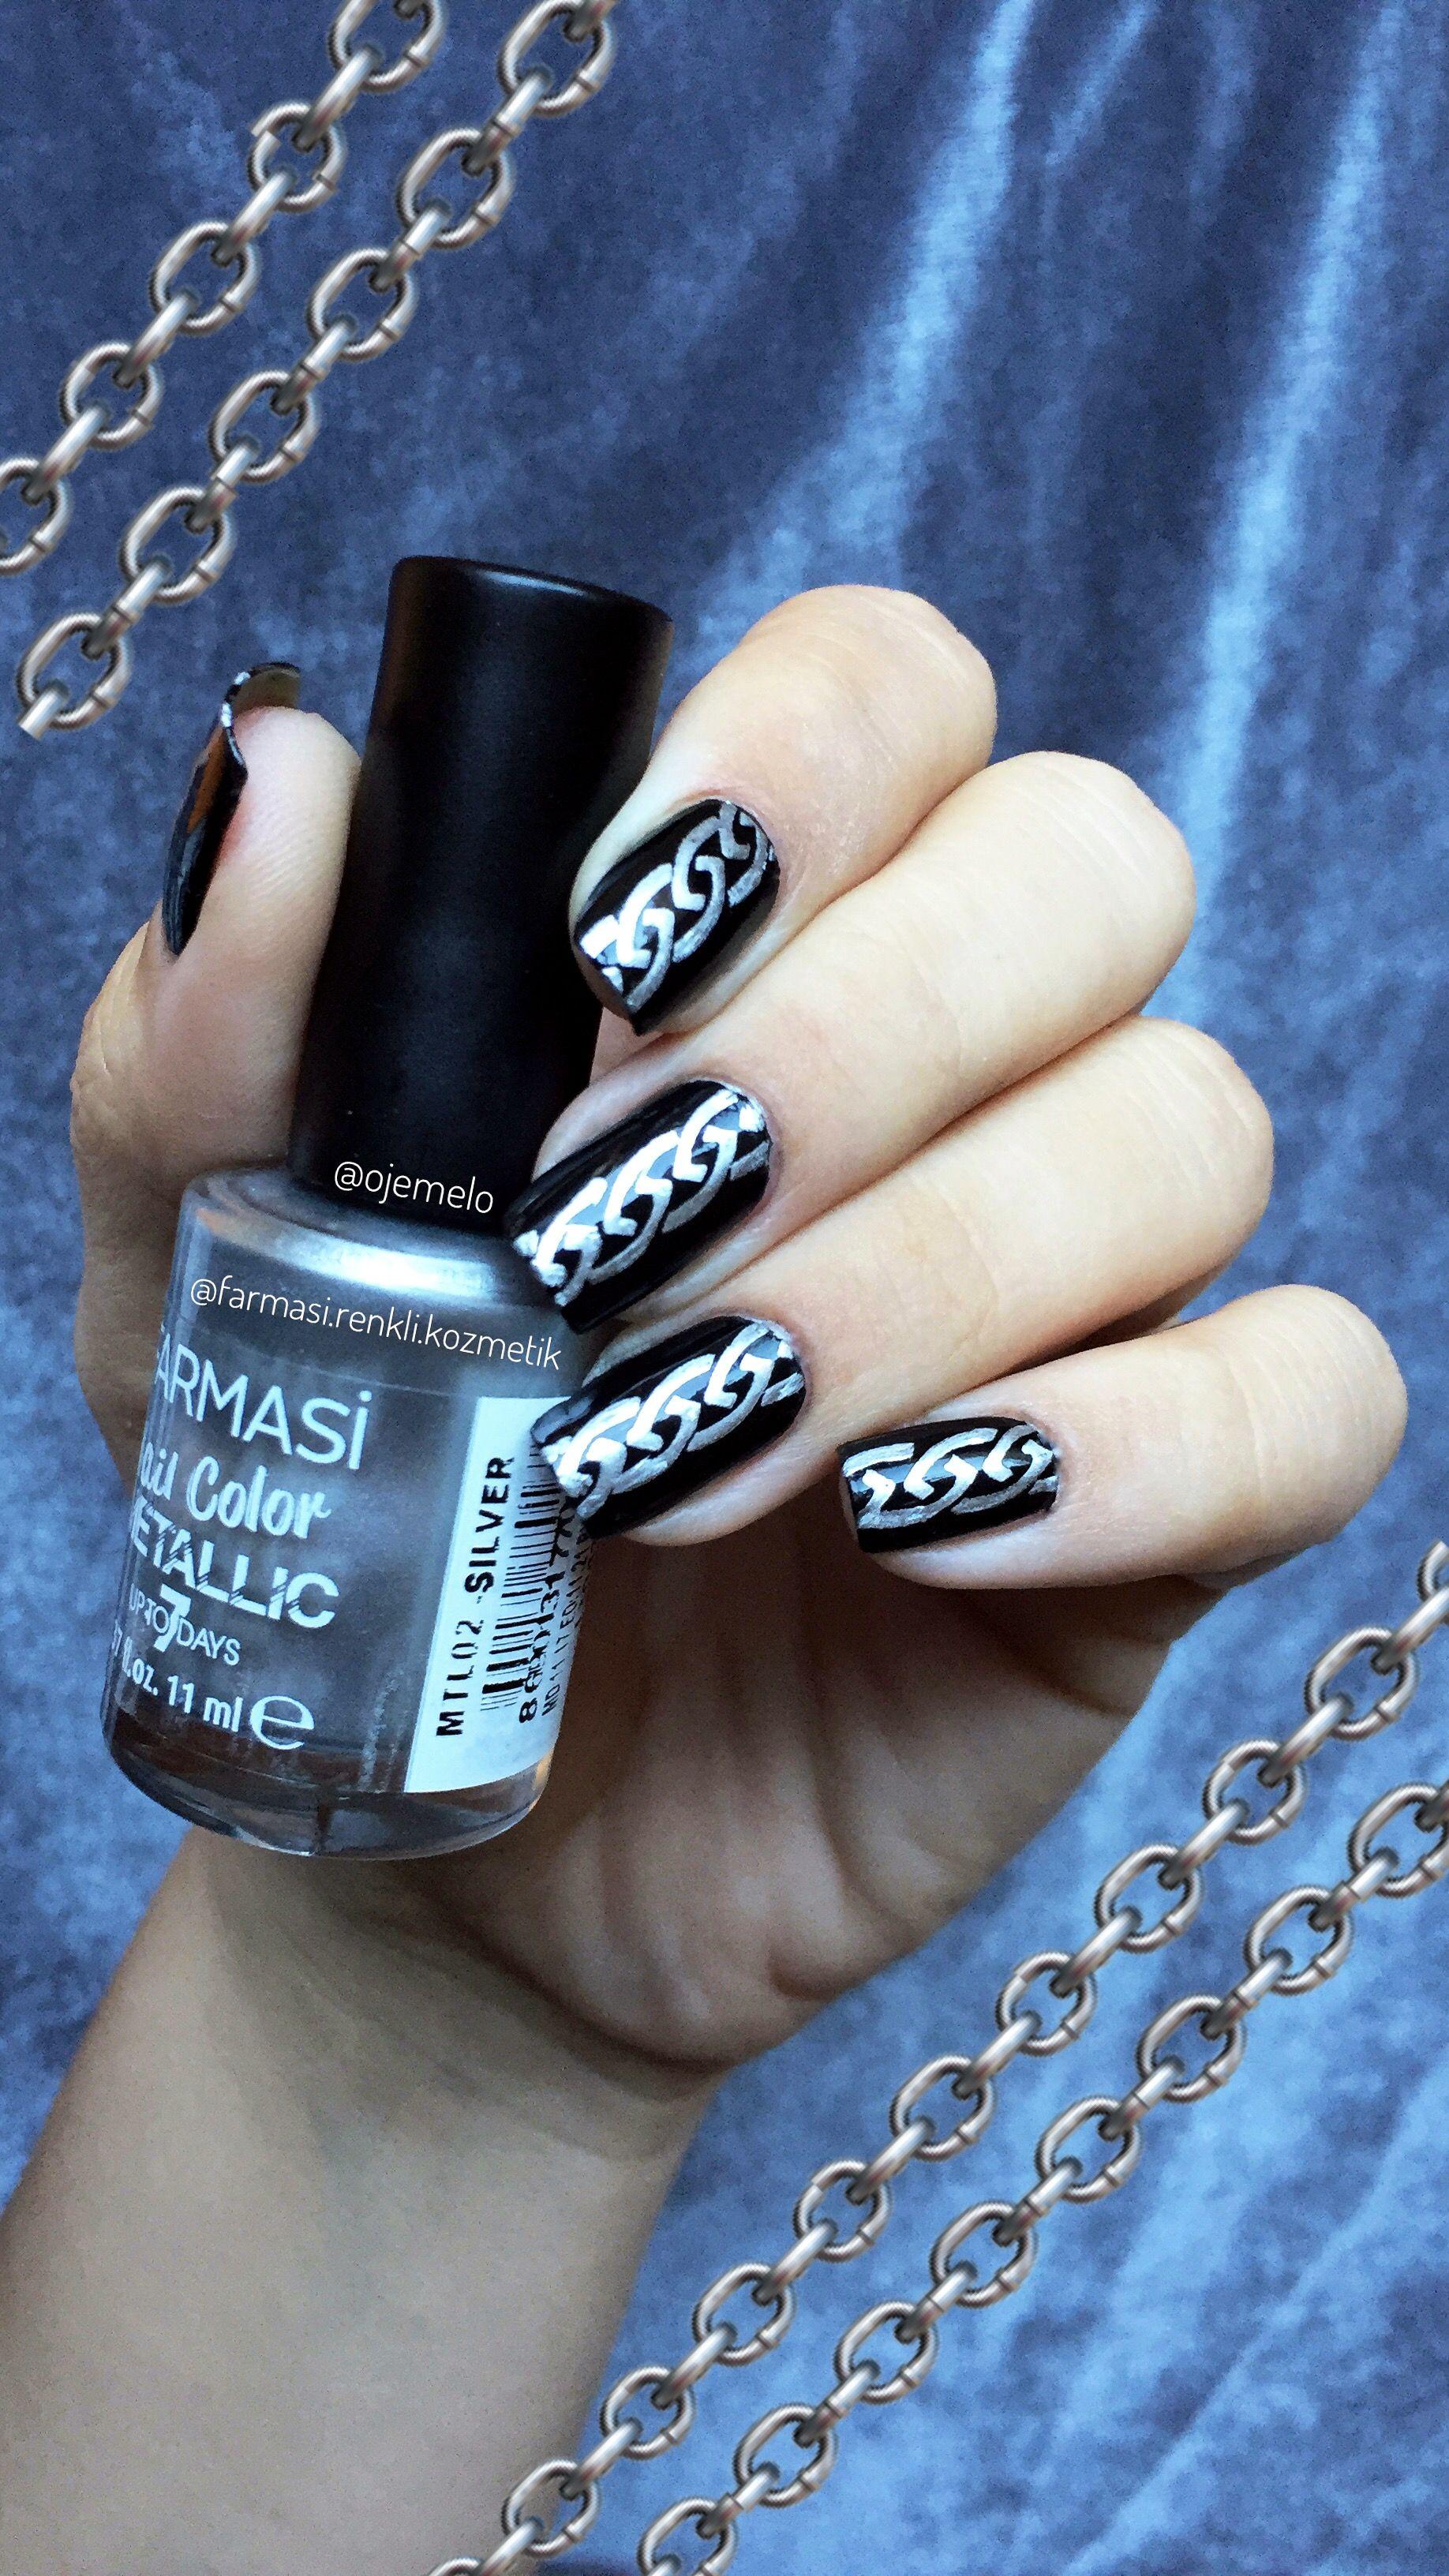 Farmasi Metallic Nail polish silver nails   my nails   Pinterest ...